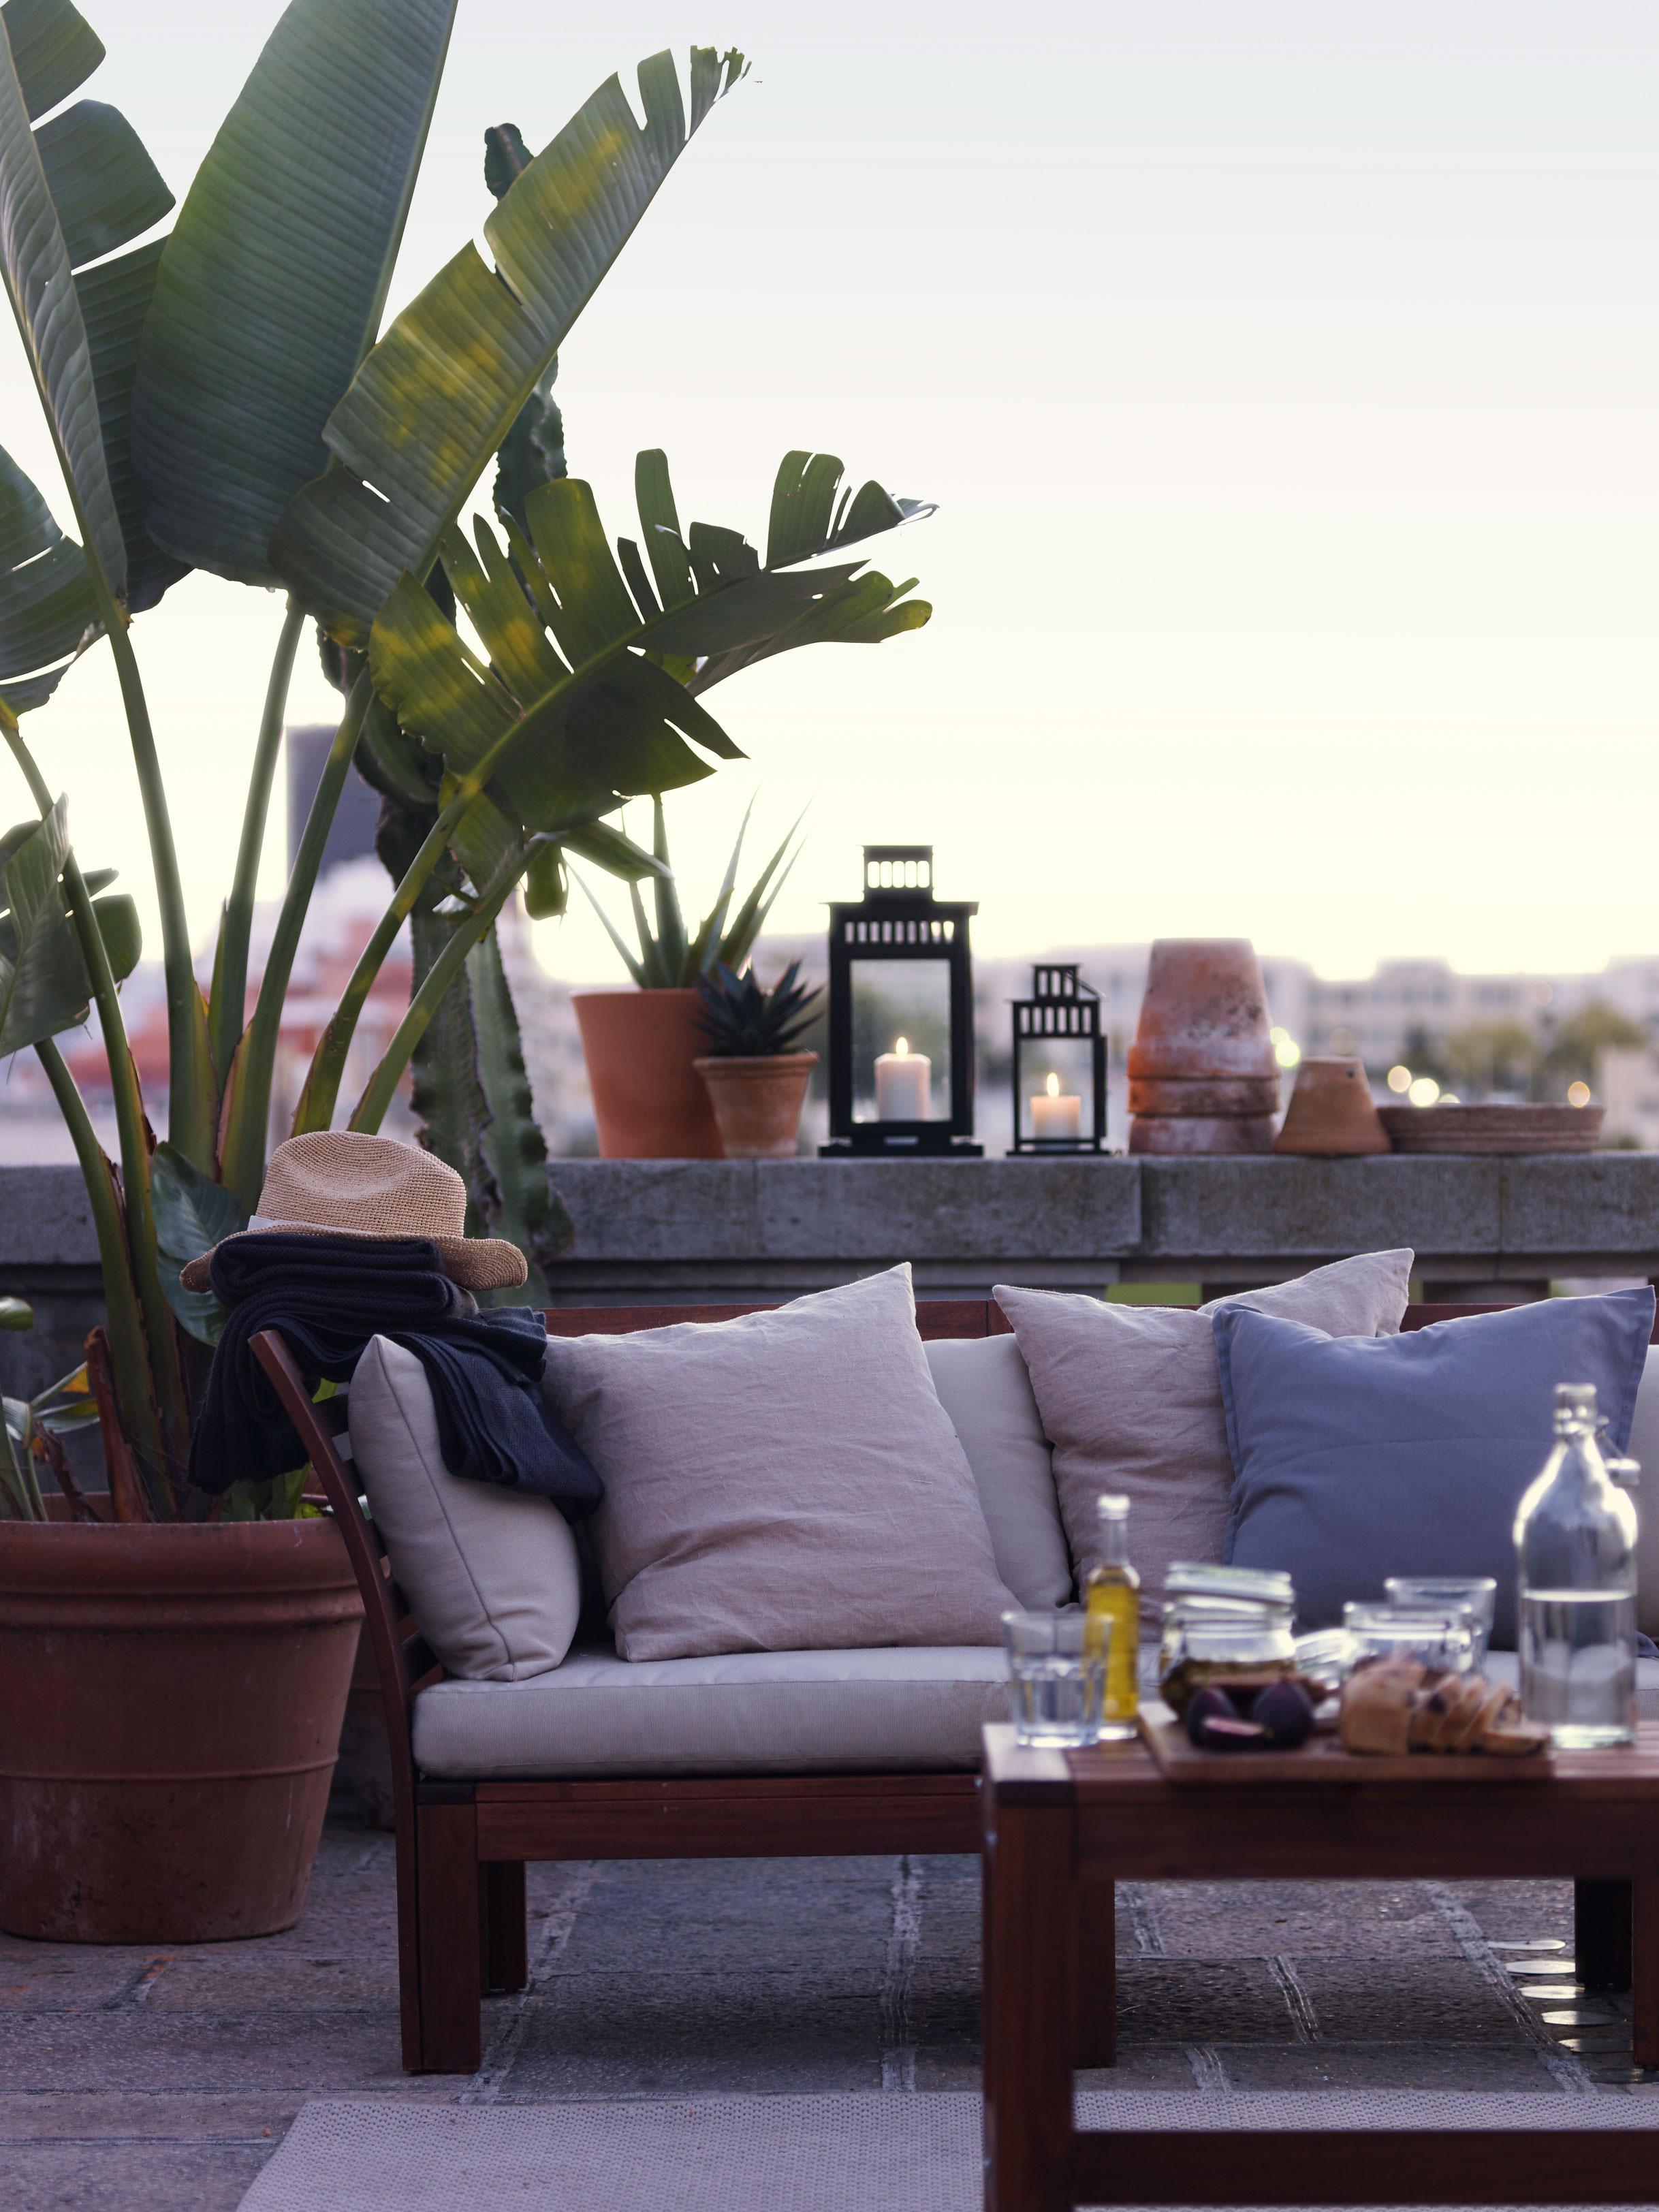 Ikea verano 2016 blog tienda decoraci n estilo n rdico delikatissen - Ikea muebles jardin exteriores lyon ...